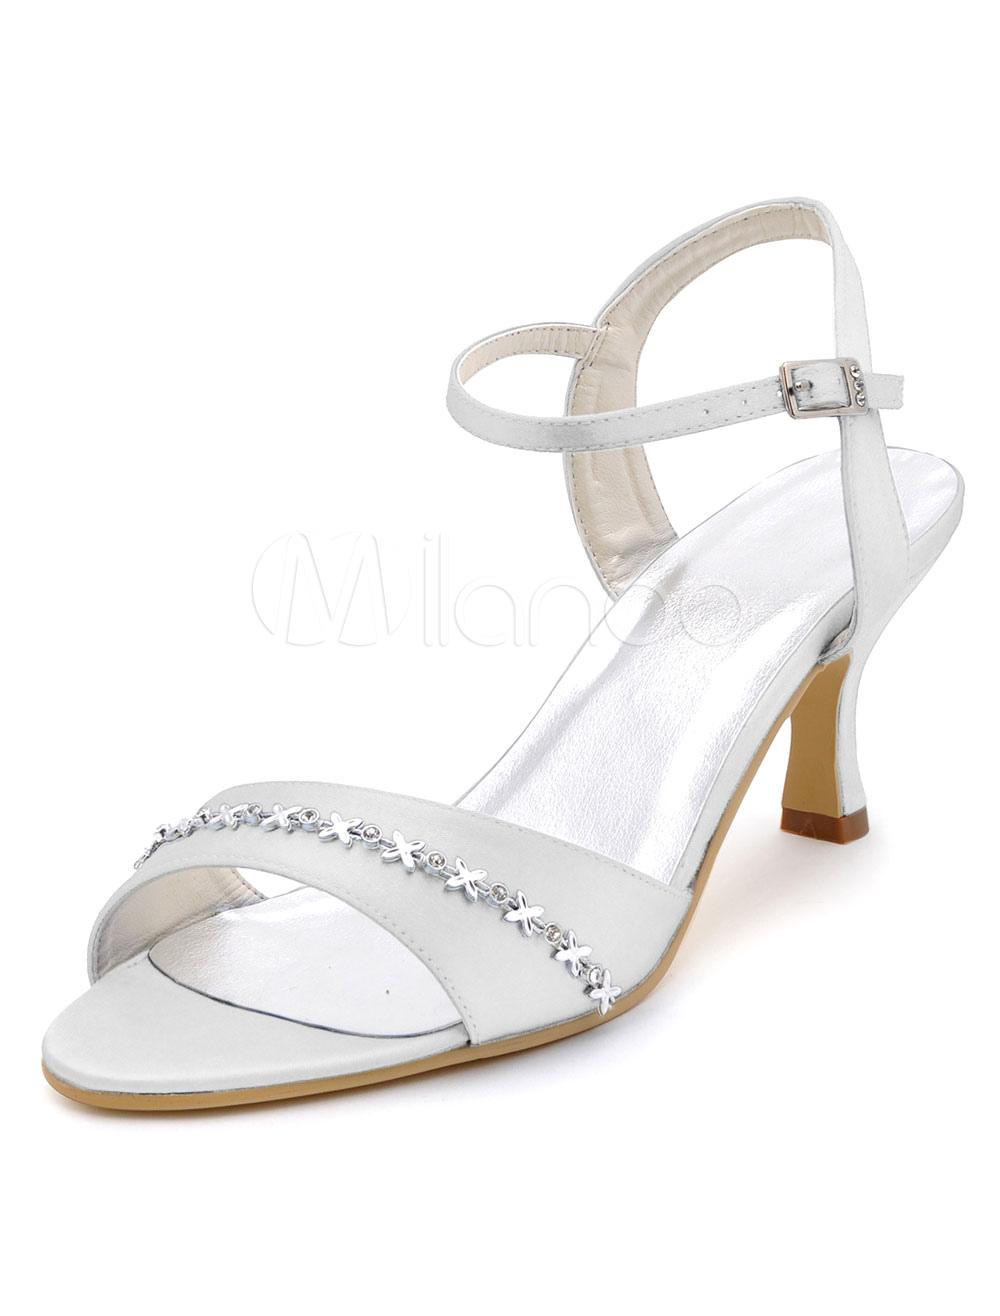 Blanco Decoración De De Abierto Nupcial Boda Zapatos Alto Sandalias Toe De Tacón Cadena Rr50Rqxw